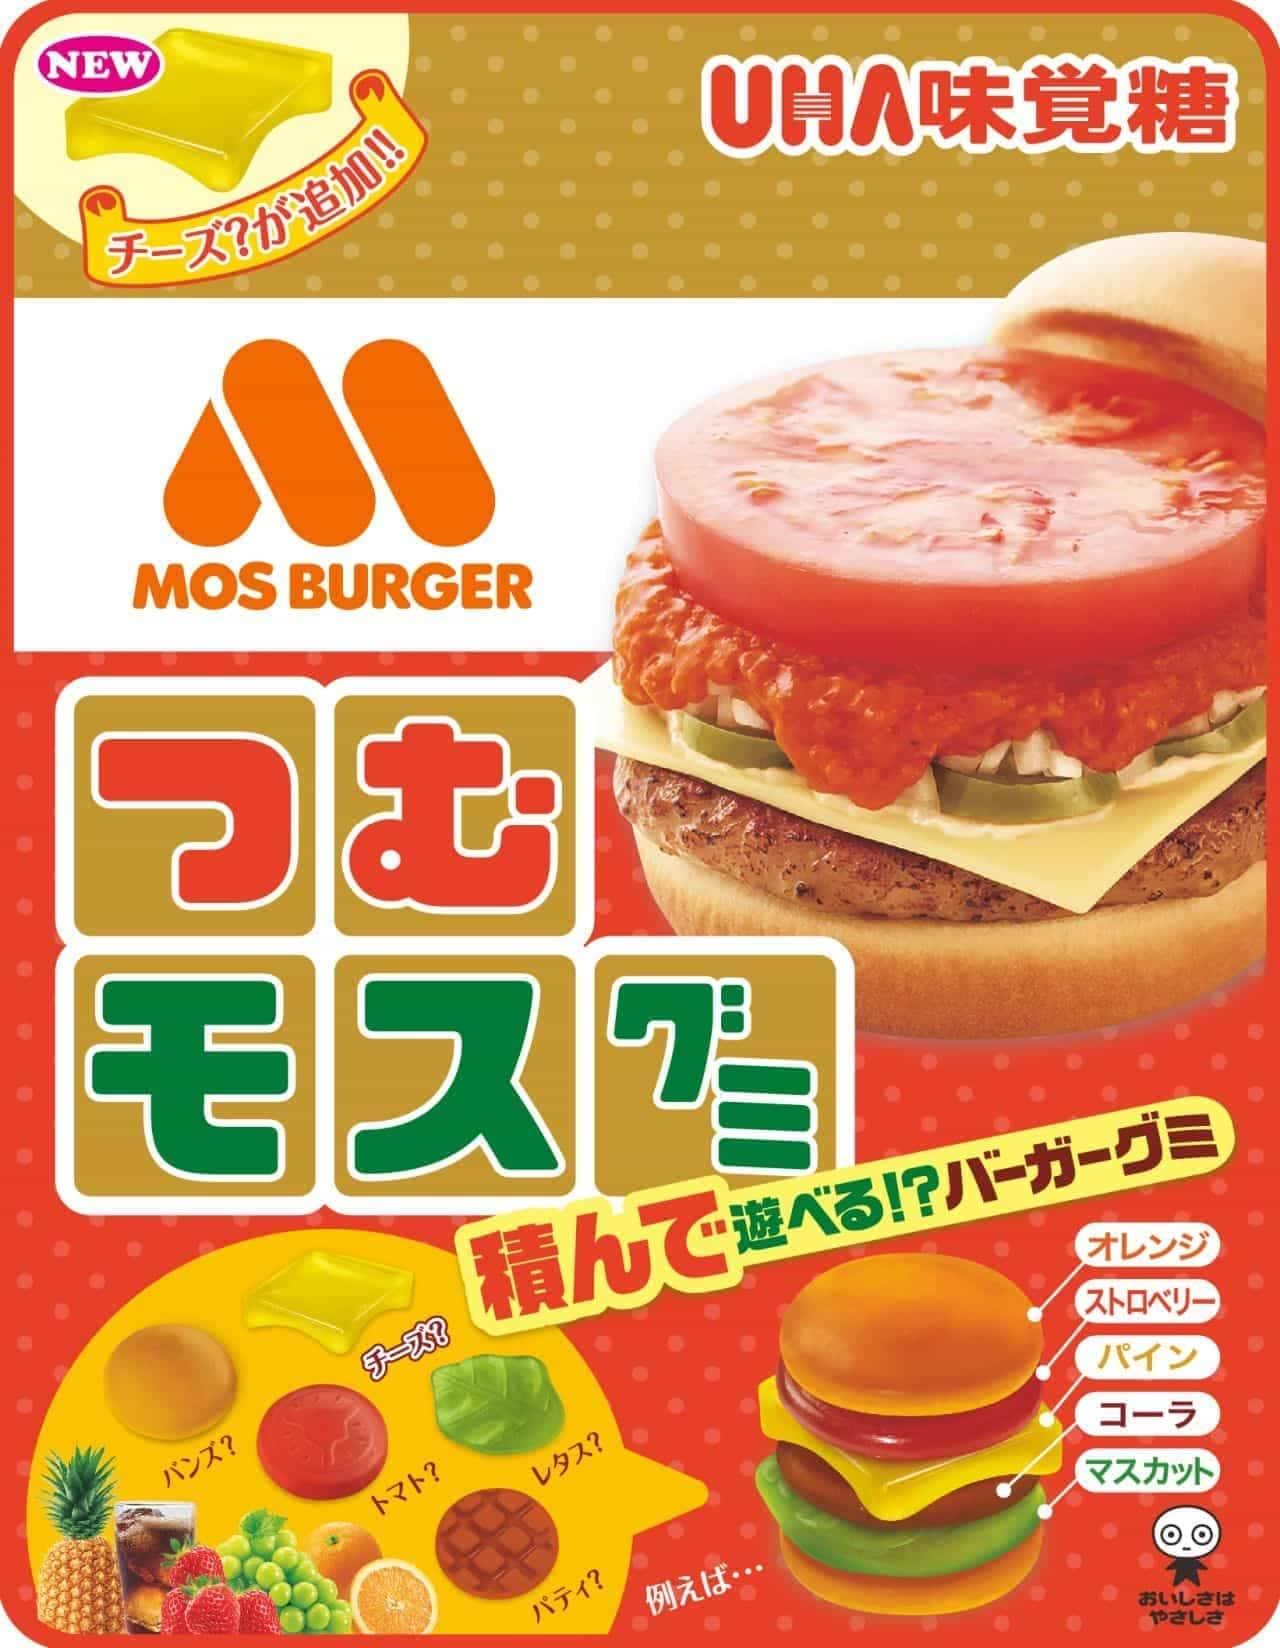 UHA味覚糖×モスバーガー「つむモスグミ」第2弾